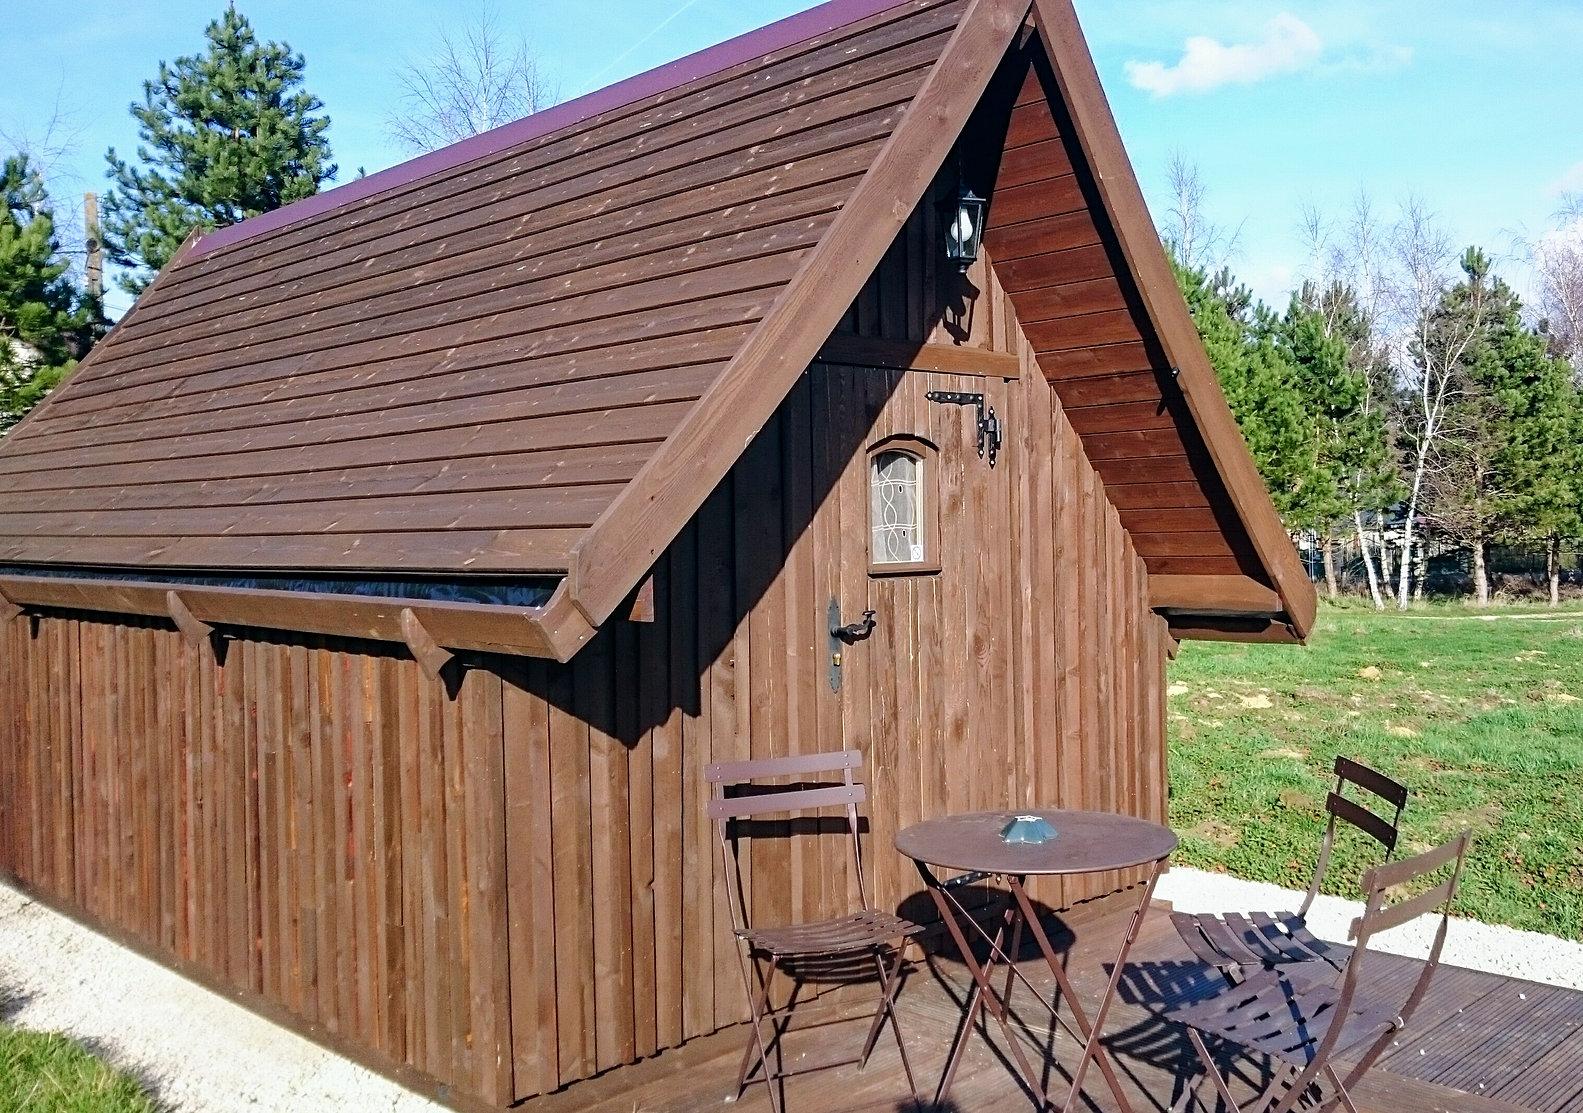 domaine de la grang e cabane trappeur zoo beauval chenonceau. Black Bedroom Furniture Sets. Home Design Ideas